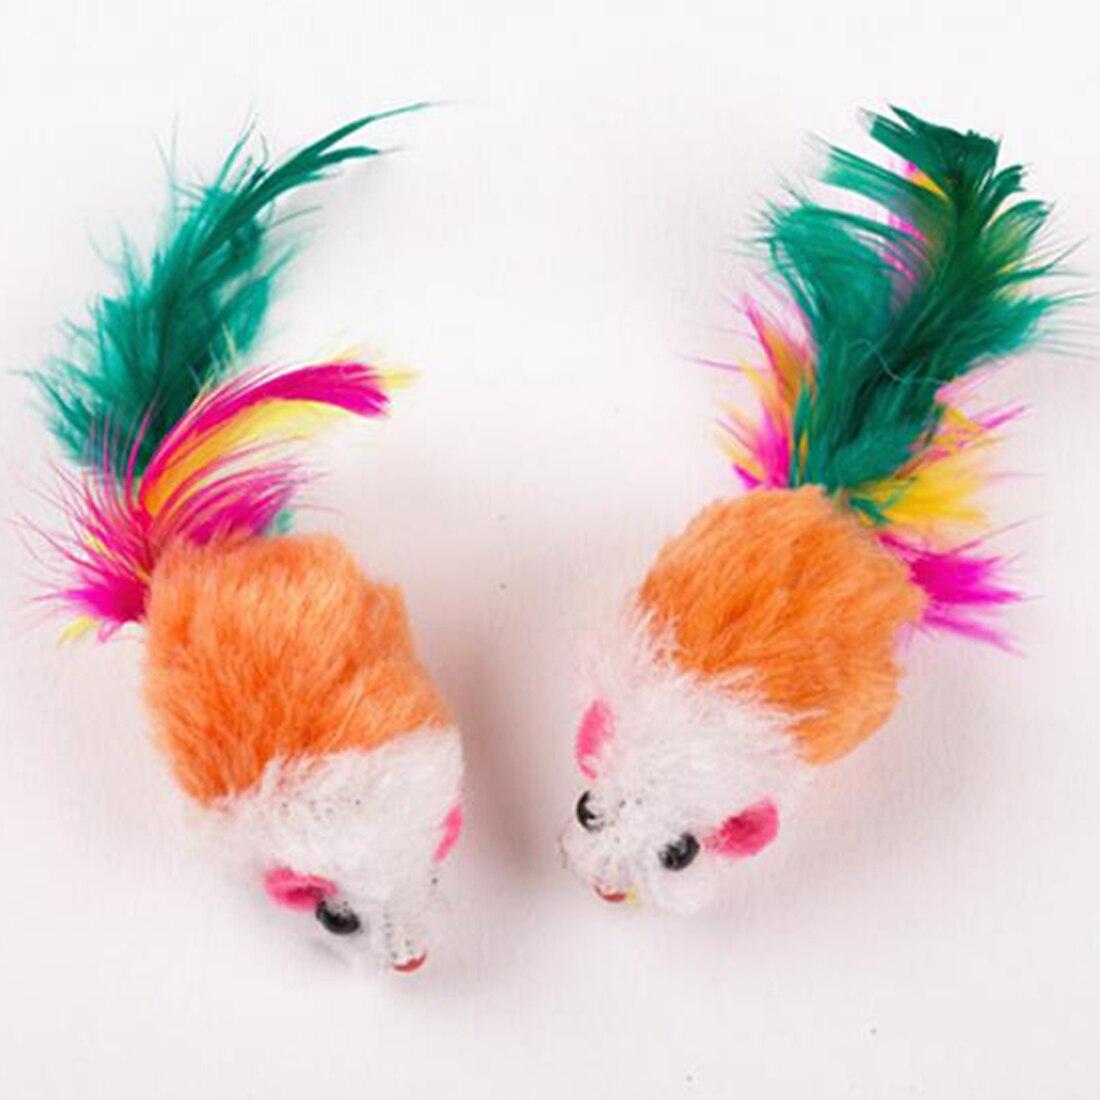 10 Pcs 4.5 x 2.5 cm cat toys Mini False Mouse Funny Playing Toys For Cats Kitten Pet interactive Cheap Mini Funny Mice & Animal